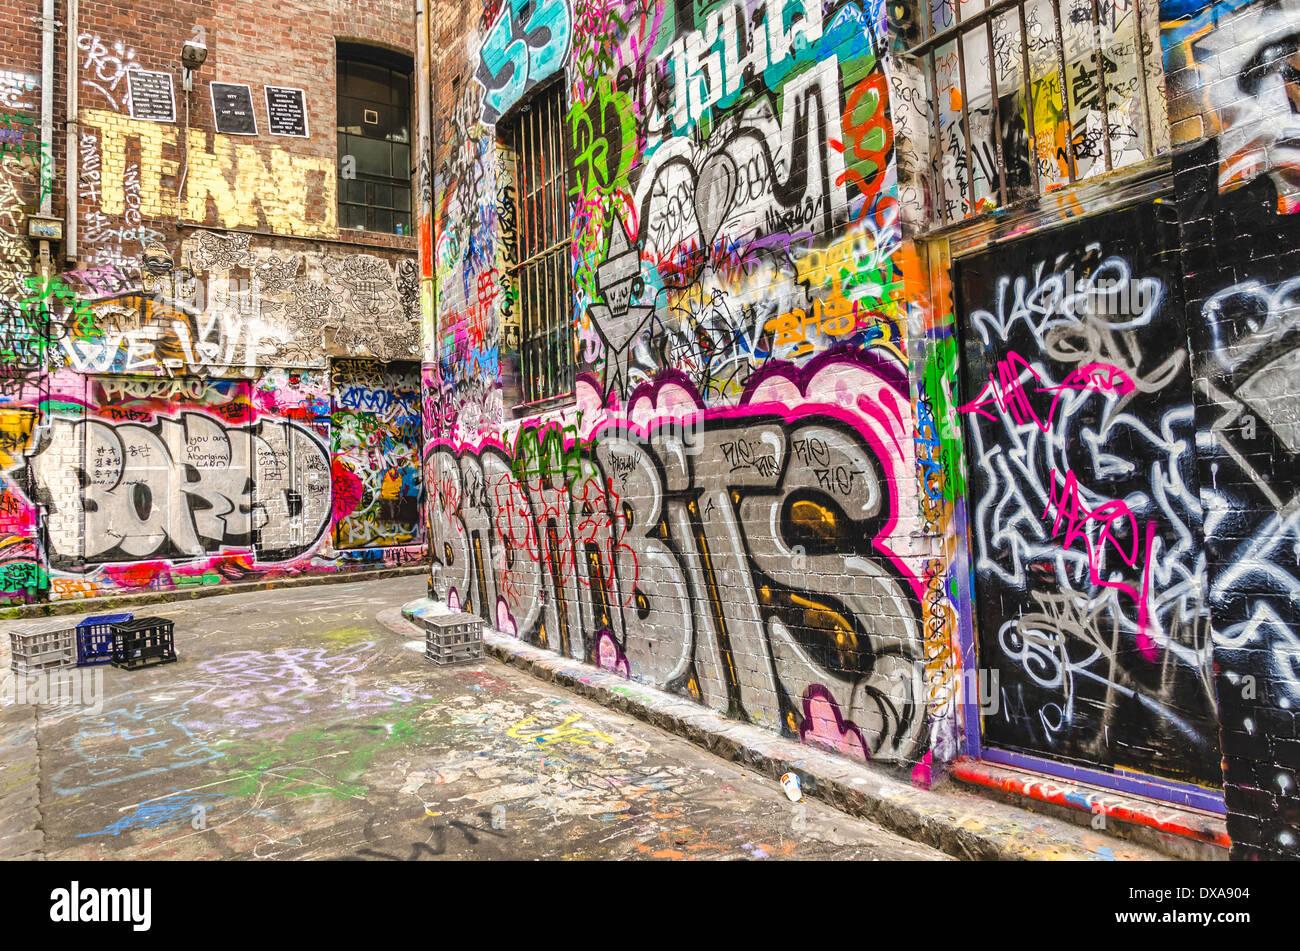 Graffiti-Kunst in Melbourne, Australien Stockbild